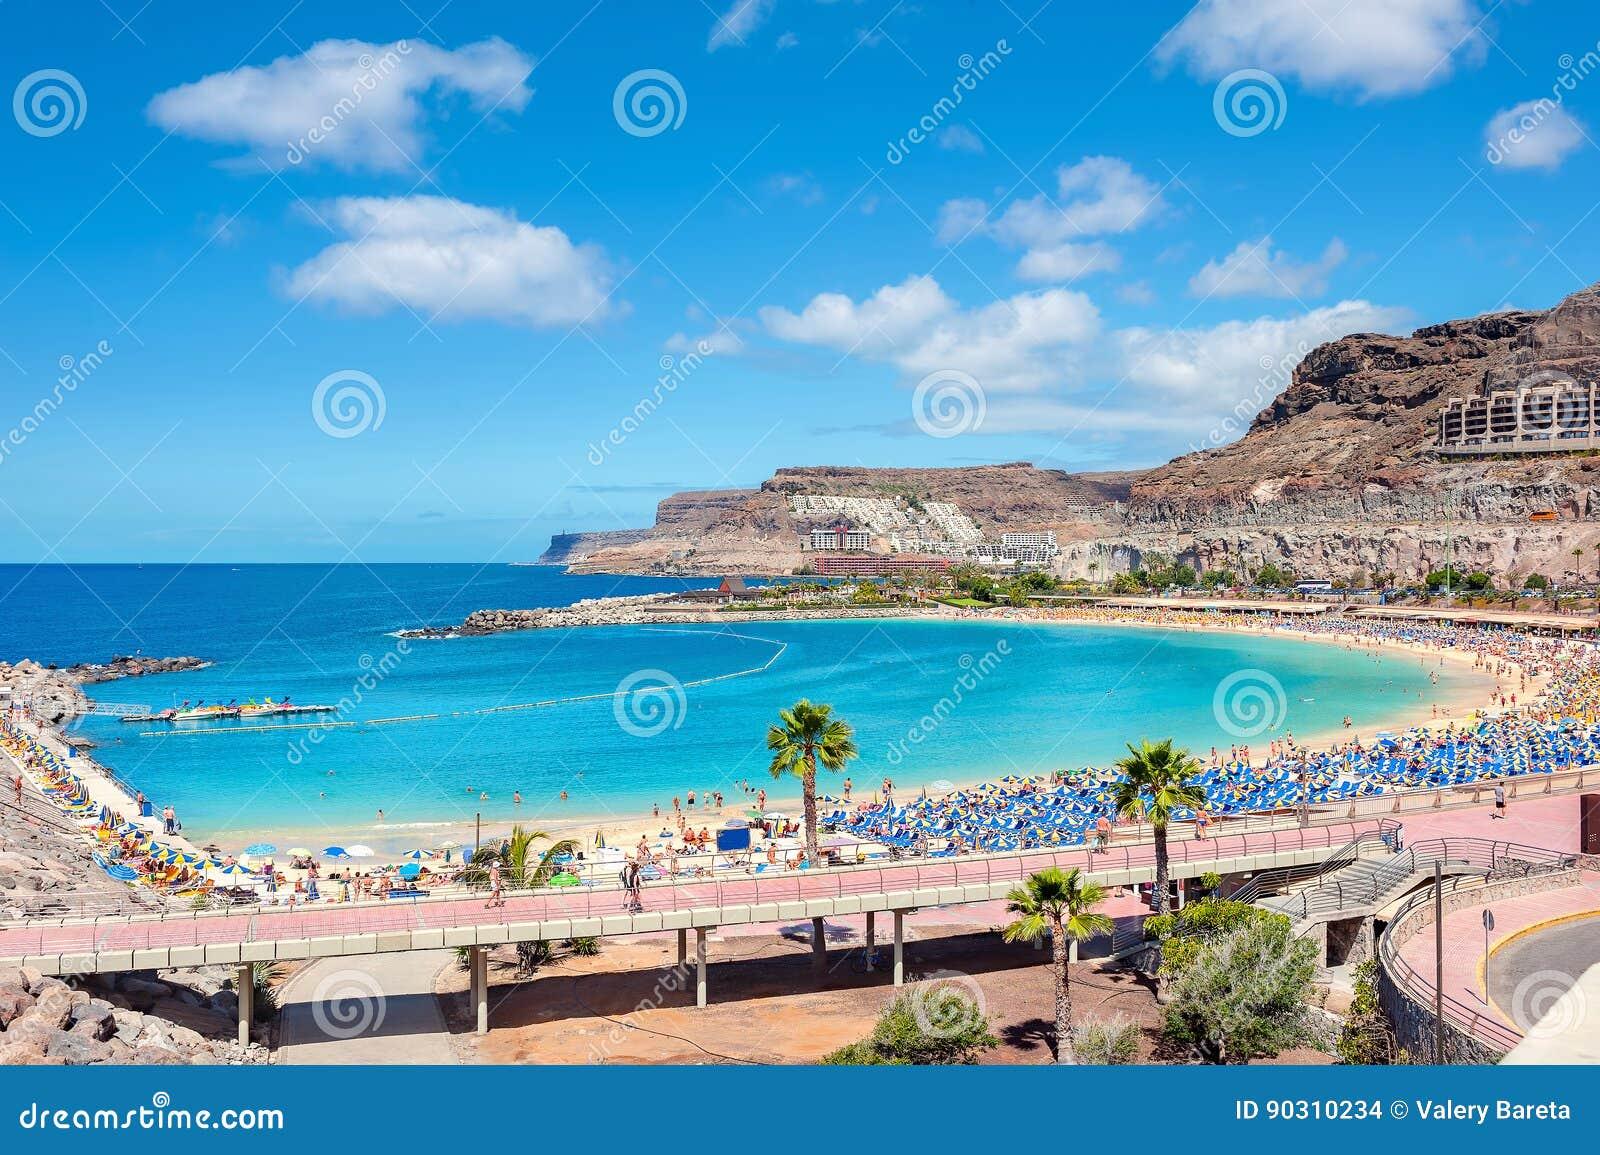 Praia de Amadores Gran Canaria, Ilhas Canárias, Espanha